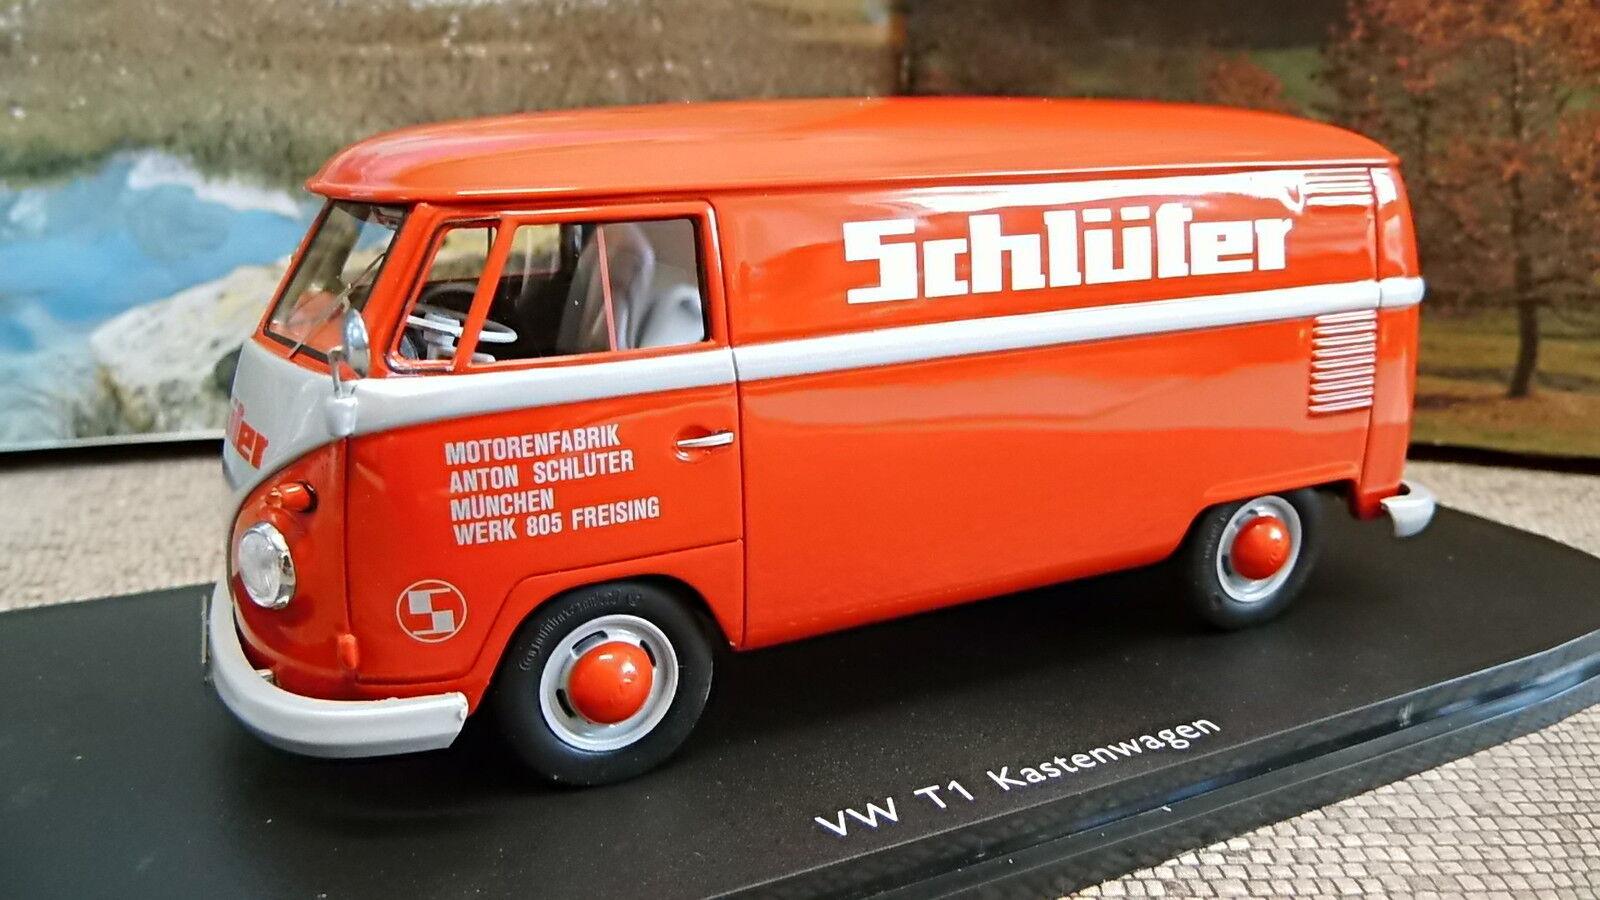 Schuco 450892800 1 32 vw t1 Transporteur Schlüter Nouveau neuf dans sa boîte